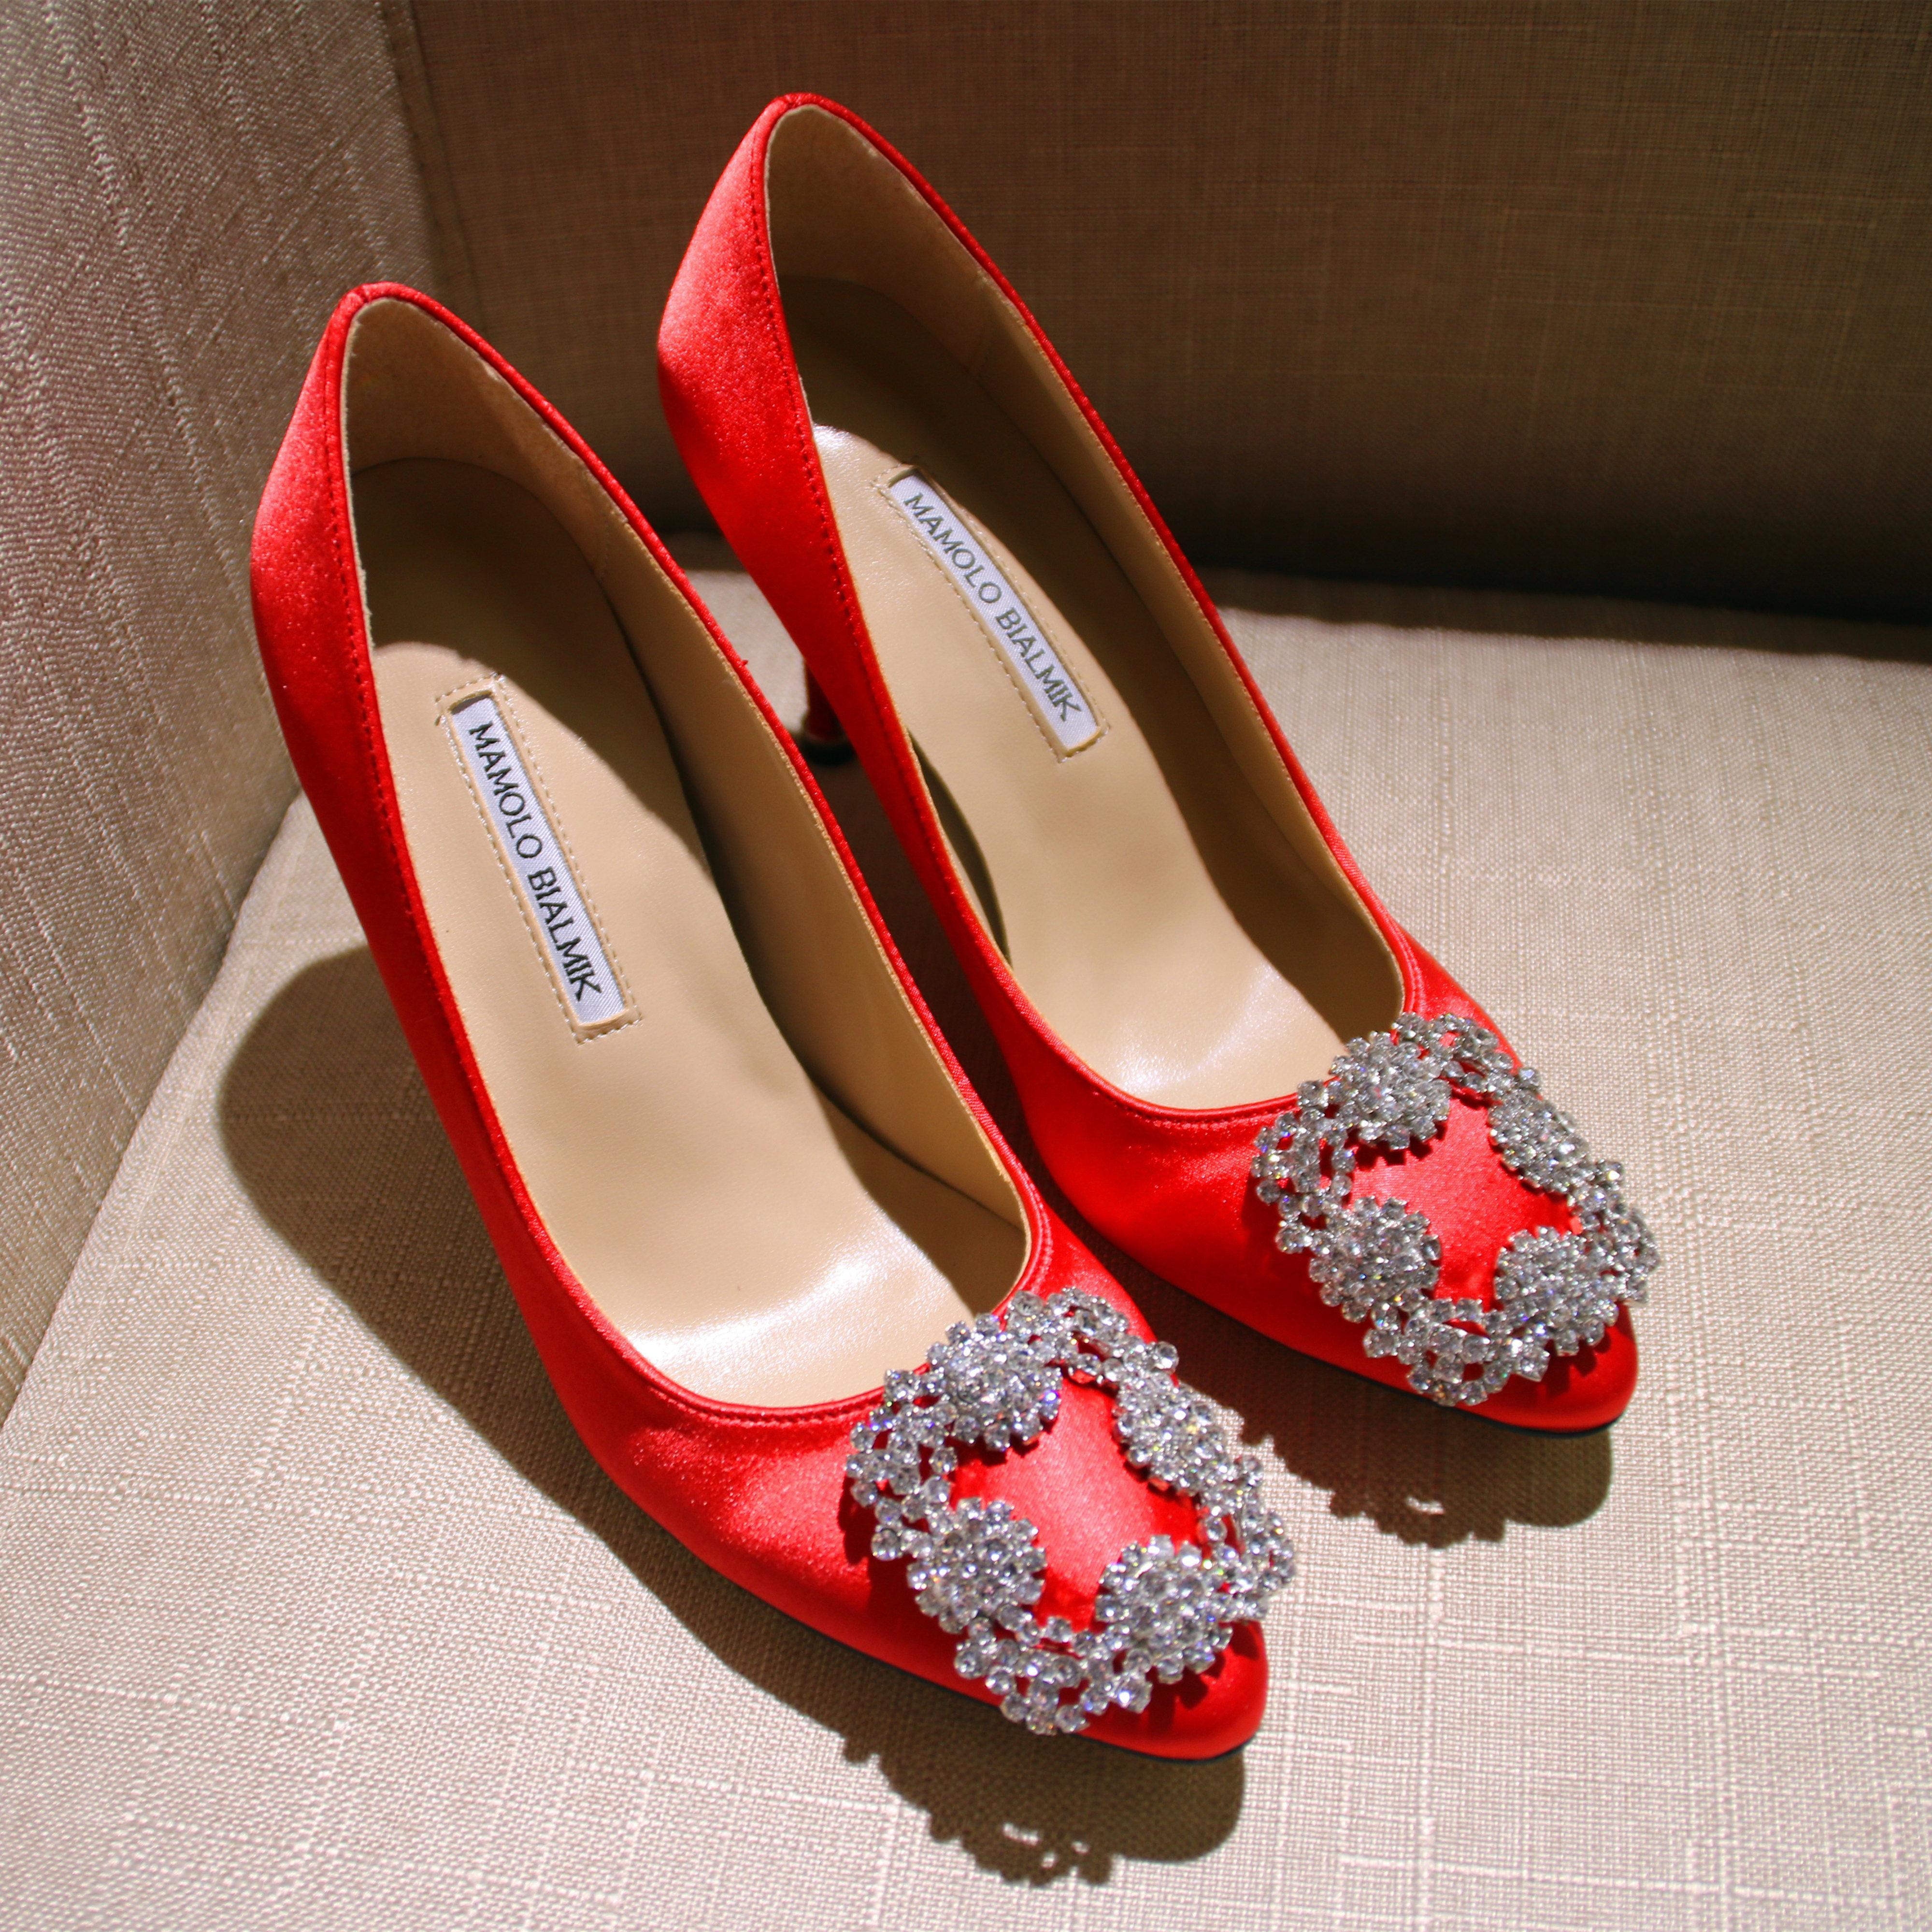 水钻高跟鞋 尖头水钻方扣高跟鞋细跟浅口绸缎单鞋真皮女鞋伴娘鞋新娘红色婚鞋_推荐淘宝好看的女水钻高跟鞋